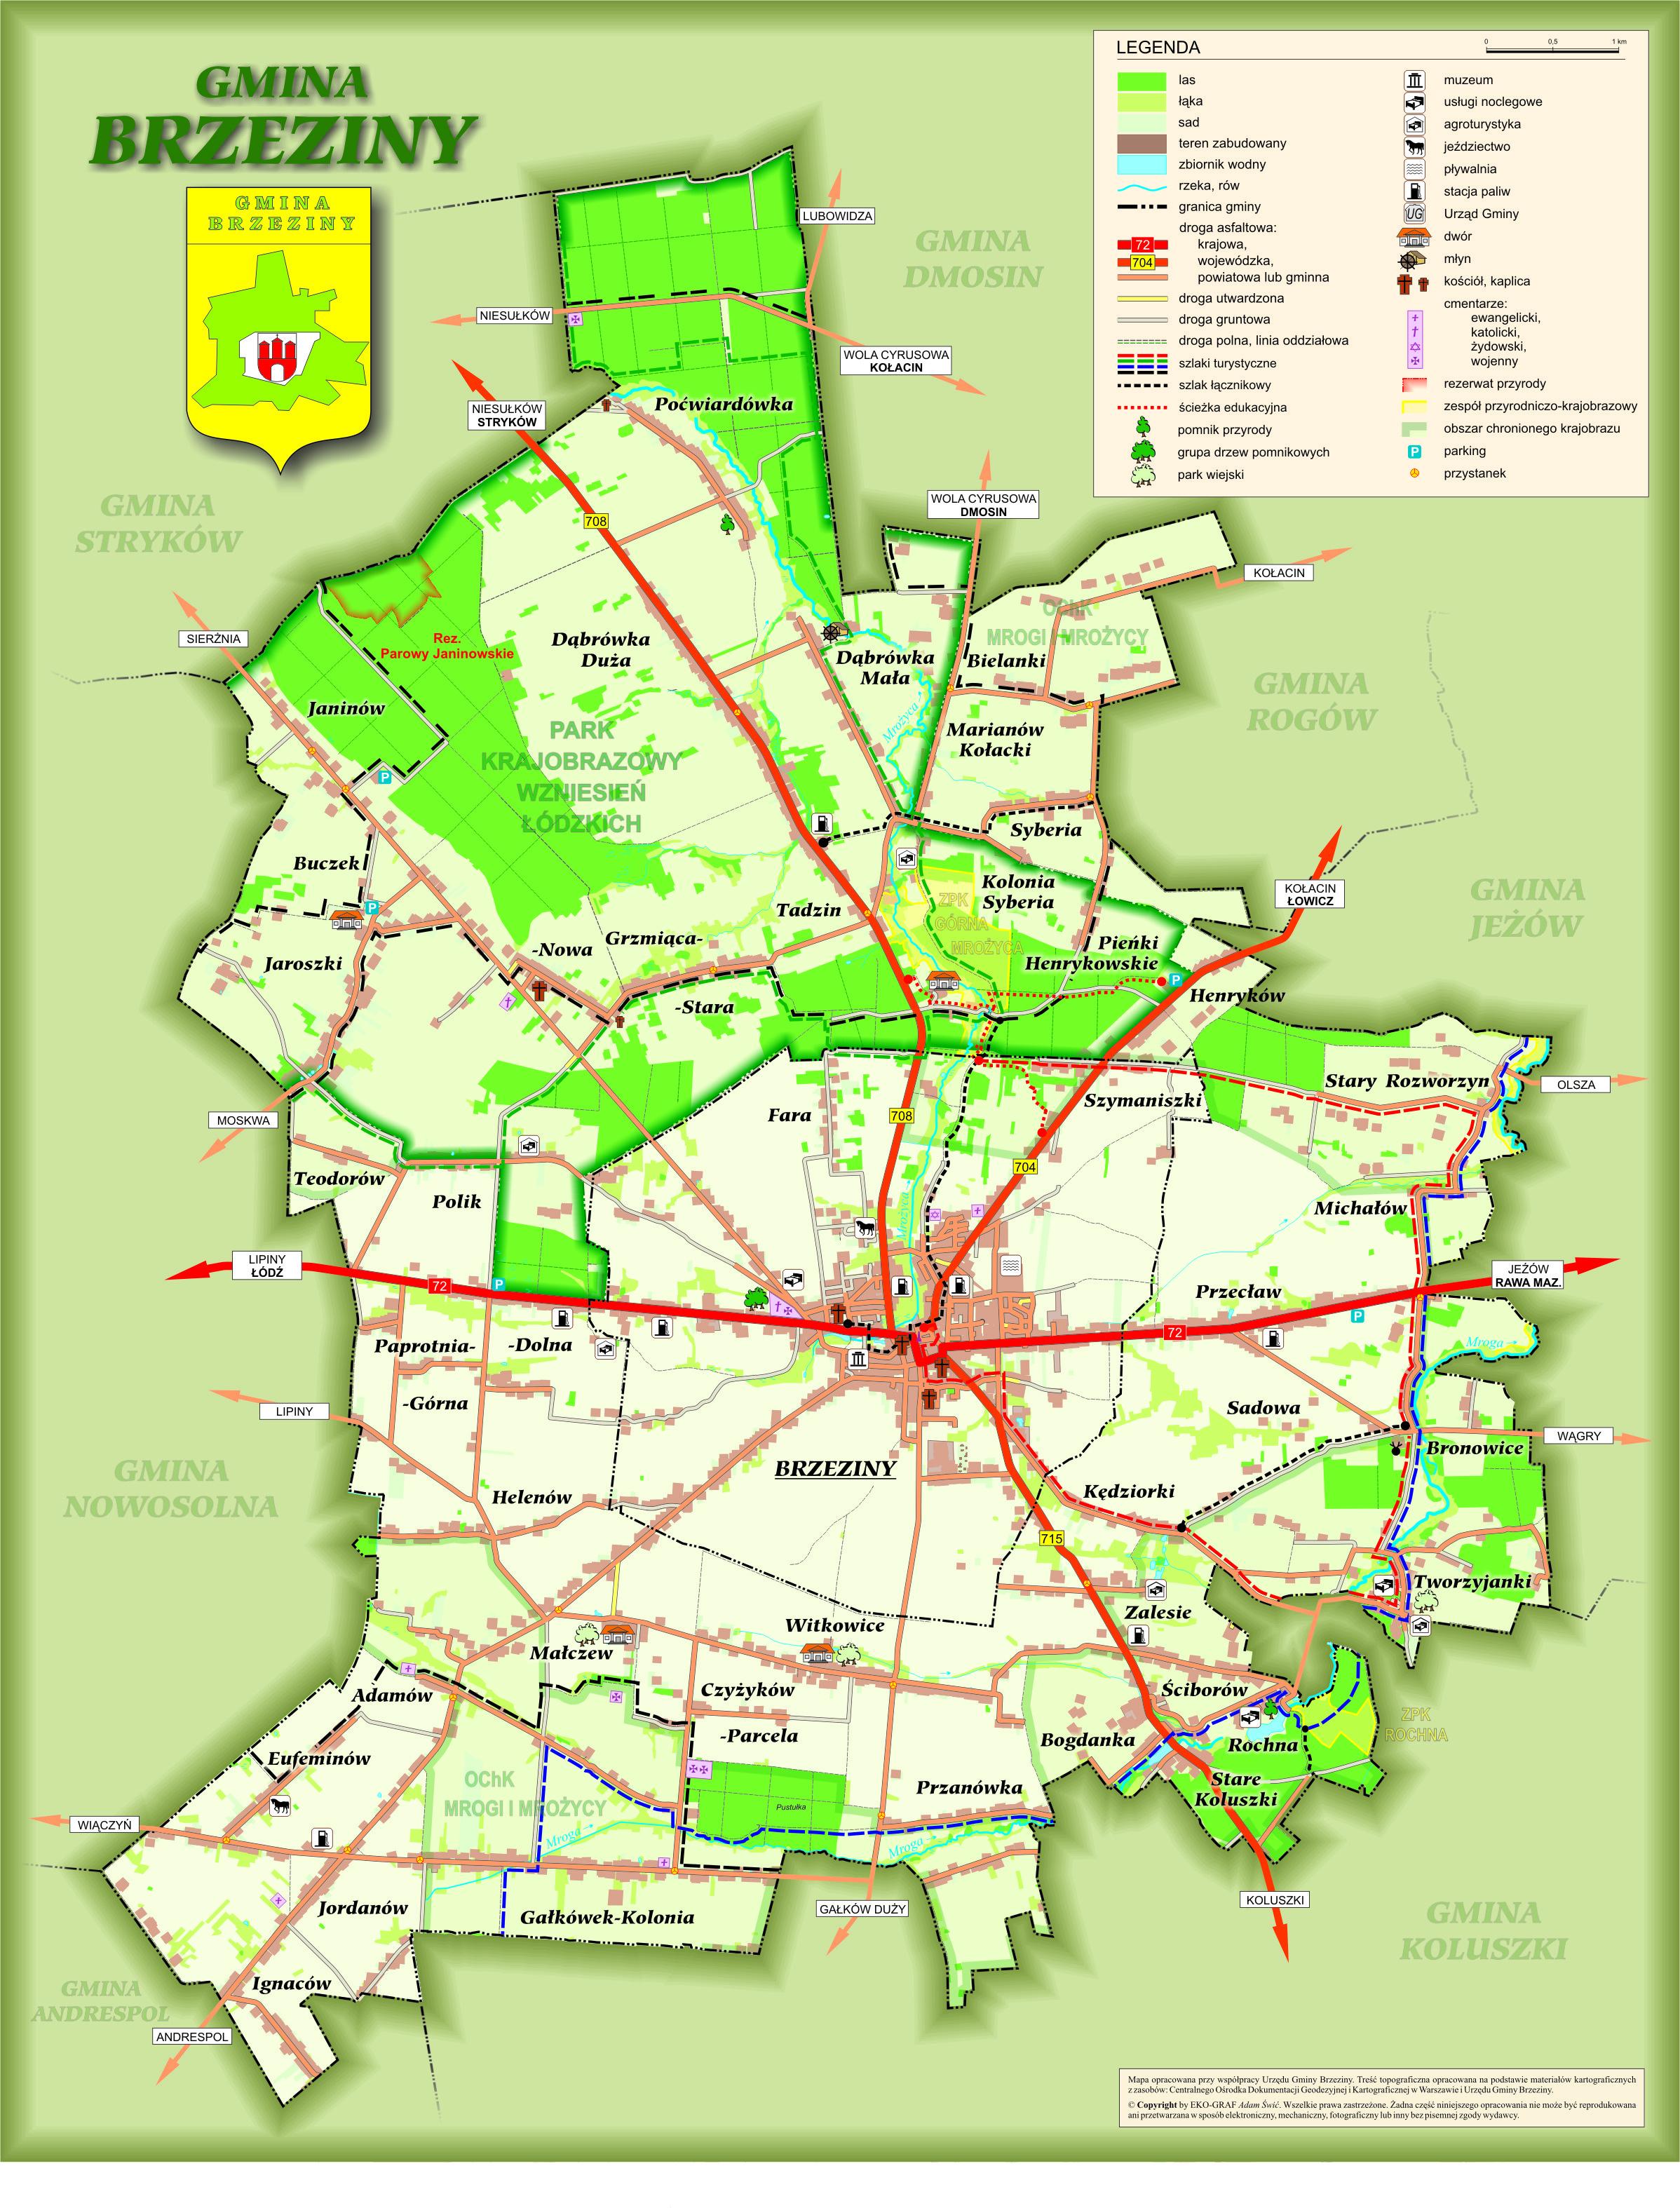 mapa_uproszczona_gminy_brzeziny_do_internetu_-_adam_wi_3149